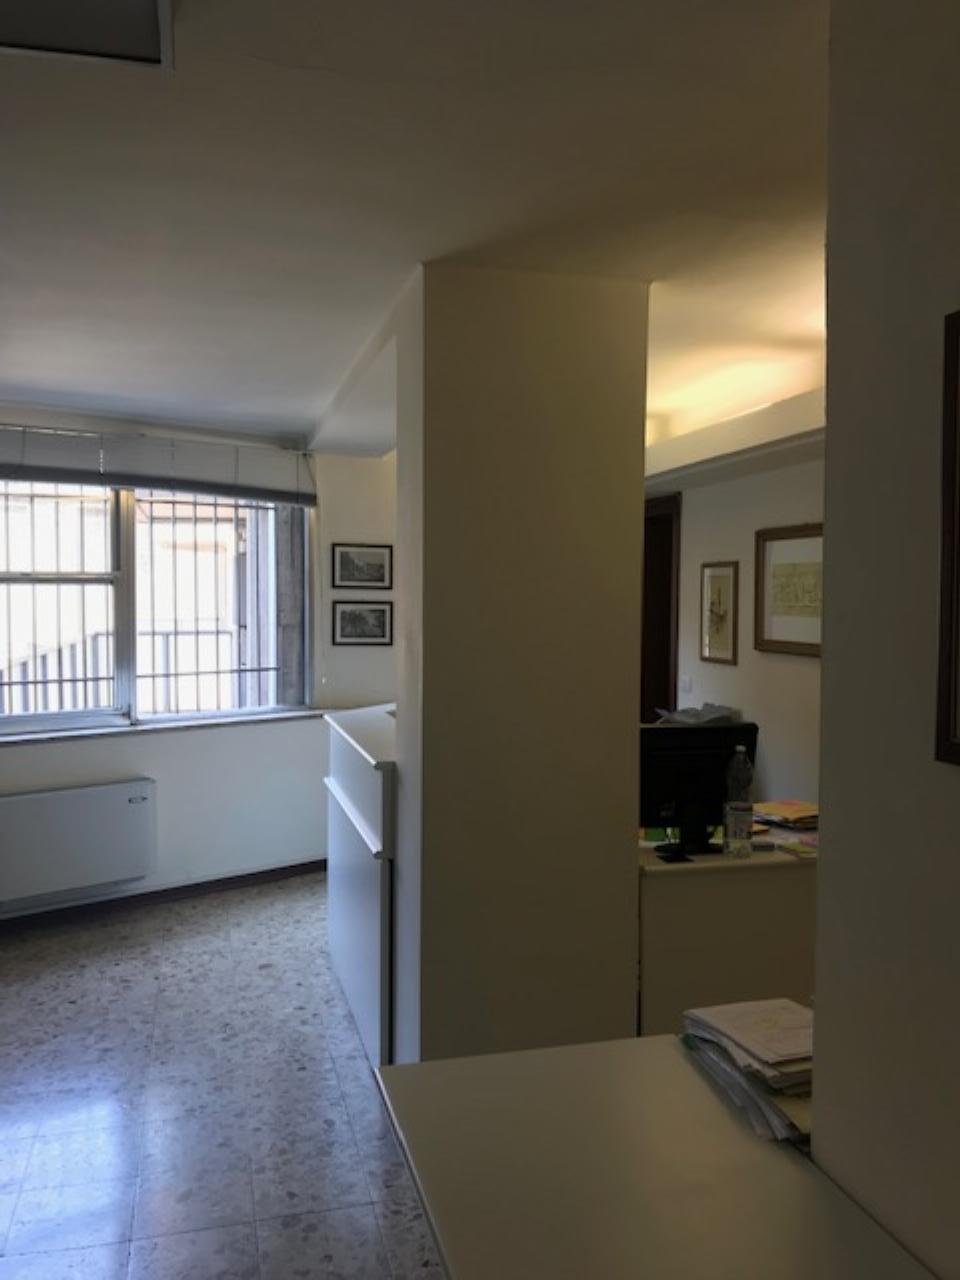 Ufficio CREMONA €120.000,00